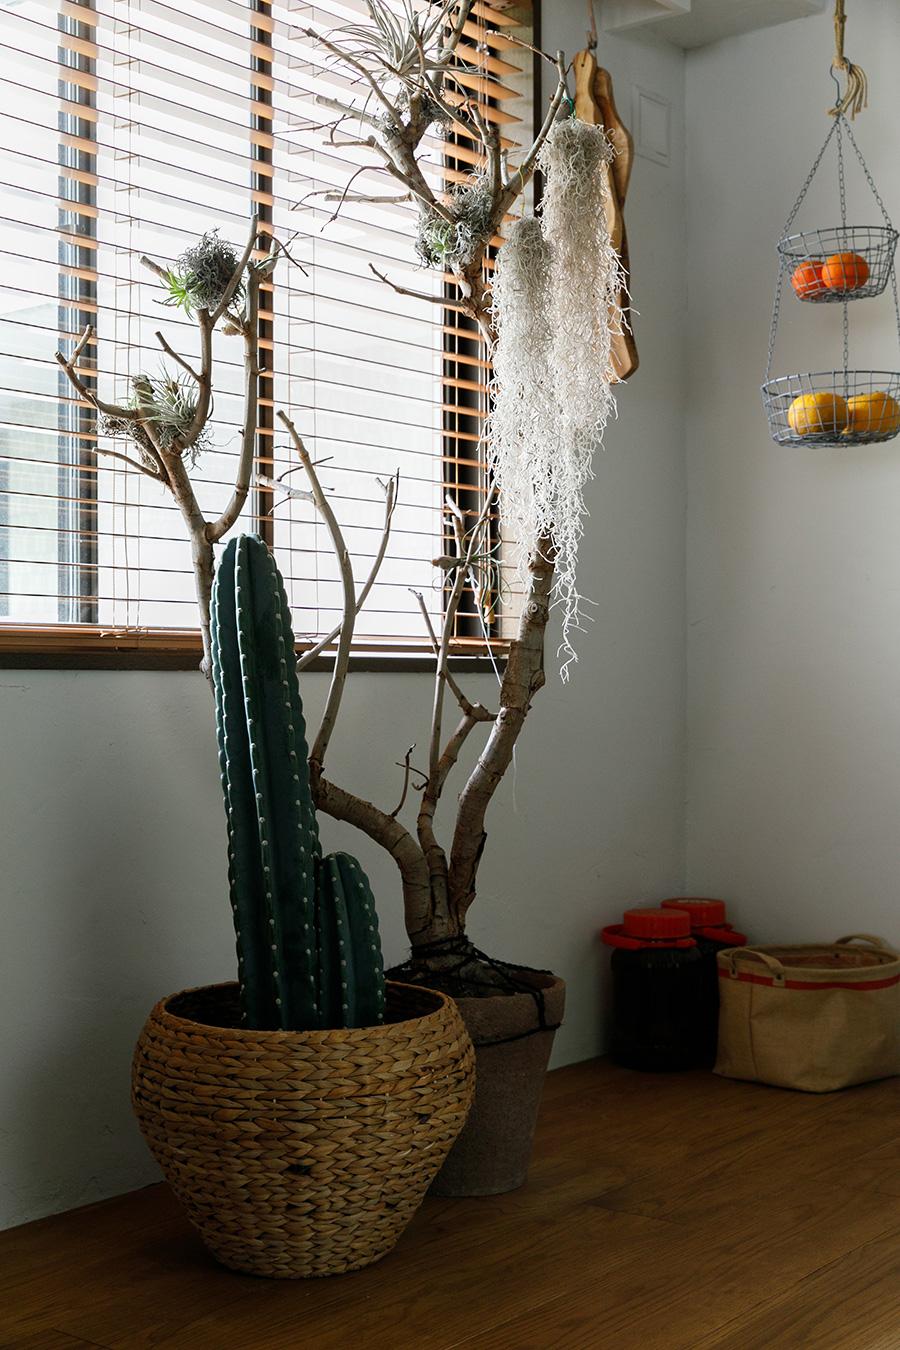 グリーン選びのポイントは見た目のユニークさ。「エアプランツを置いた右の木は行きつけの植物屋さんのディスプレイだったもの。頼みこんで売ってもらいました」(稲田さん)。